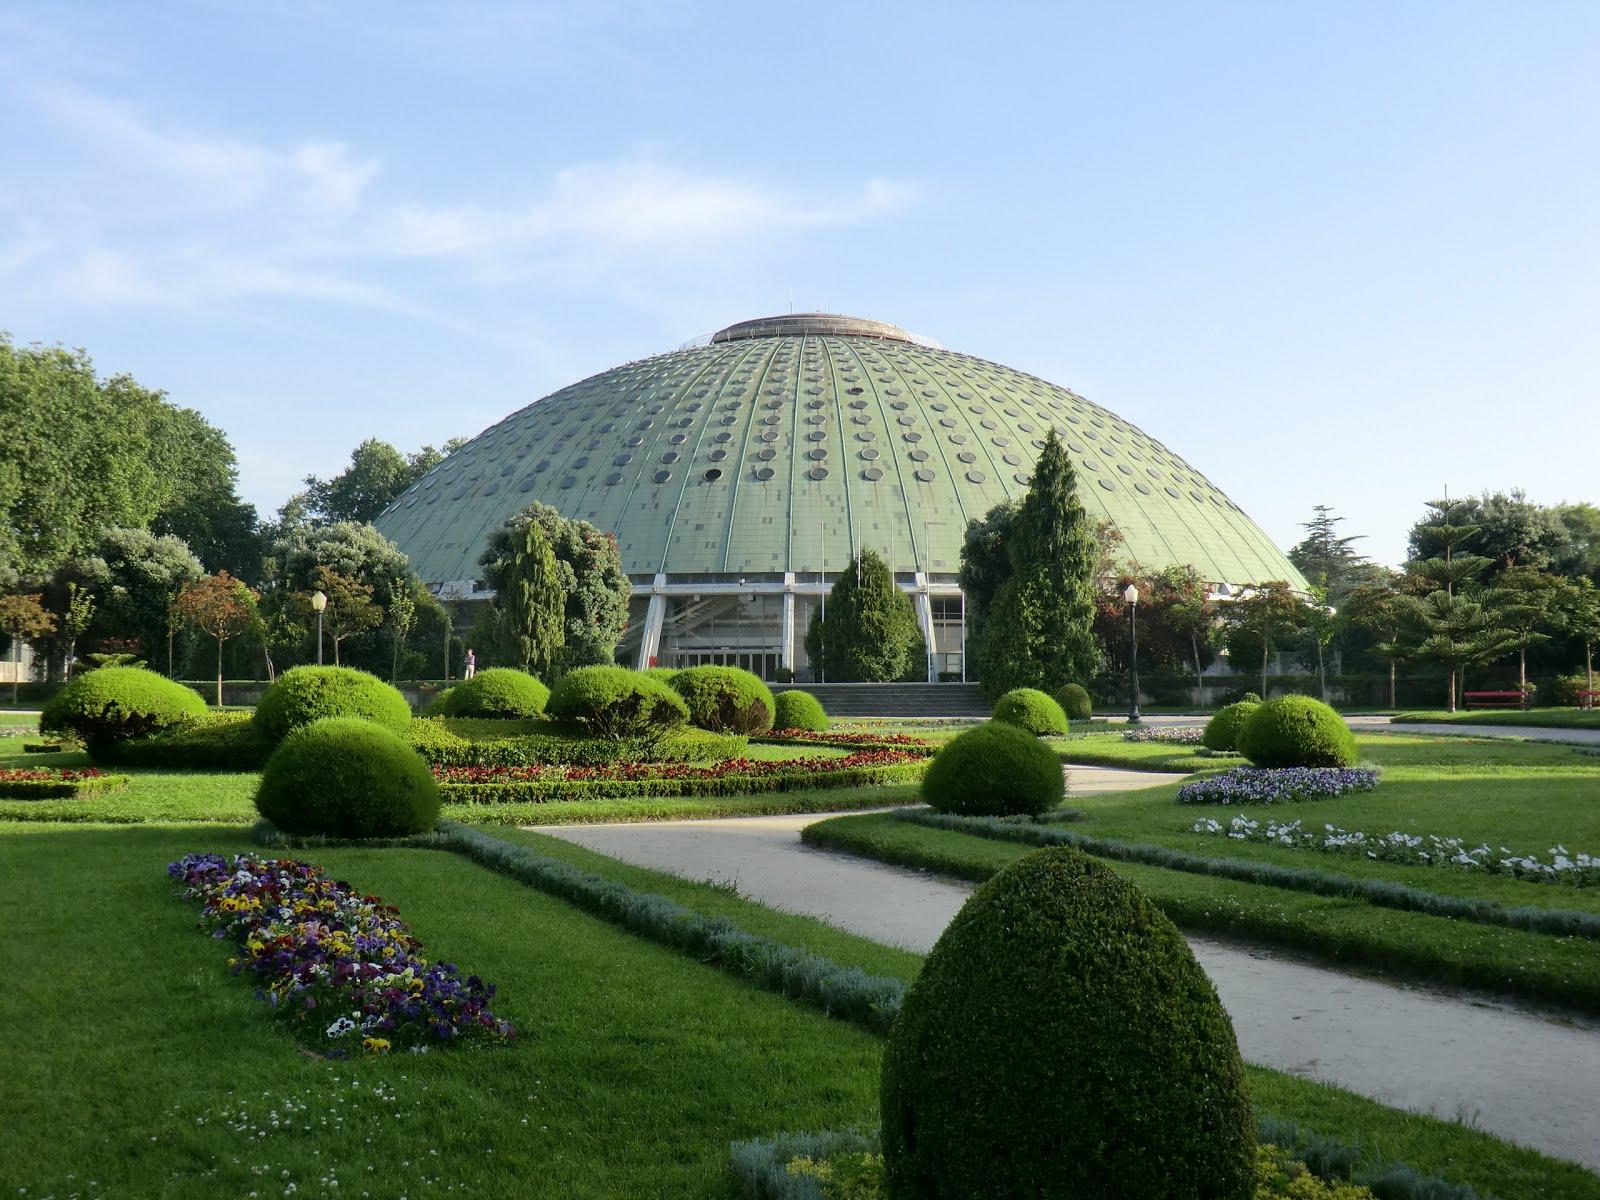 Metido en jardines romanticismo en oporto jardines del for Jardines del palacio de cristal oporto